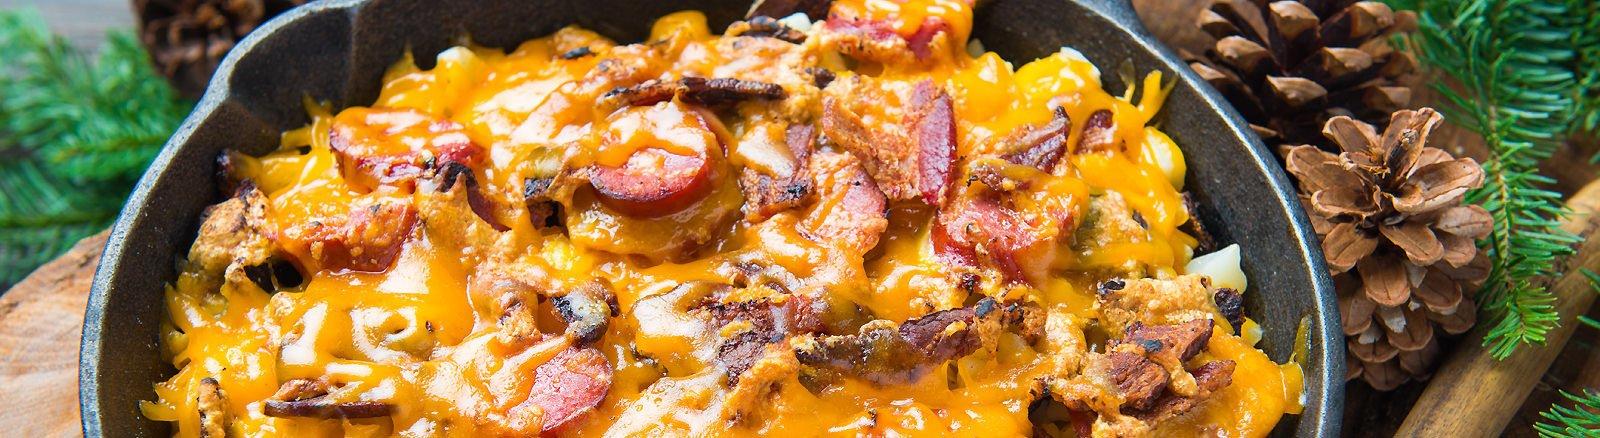 Sausage Breakfast Bake thumbnail